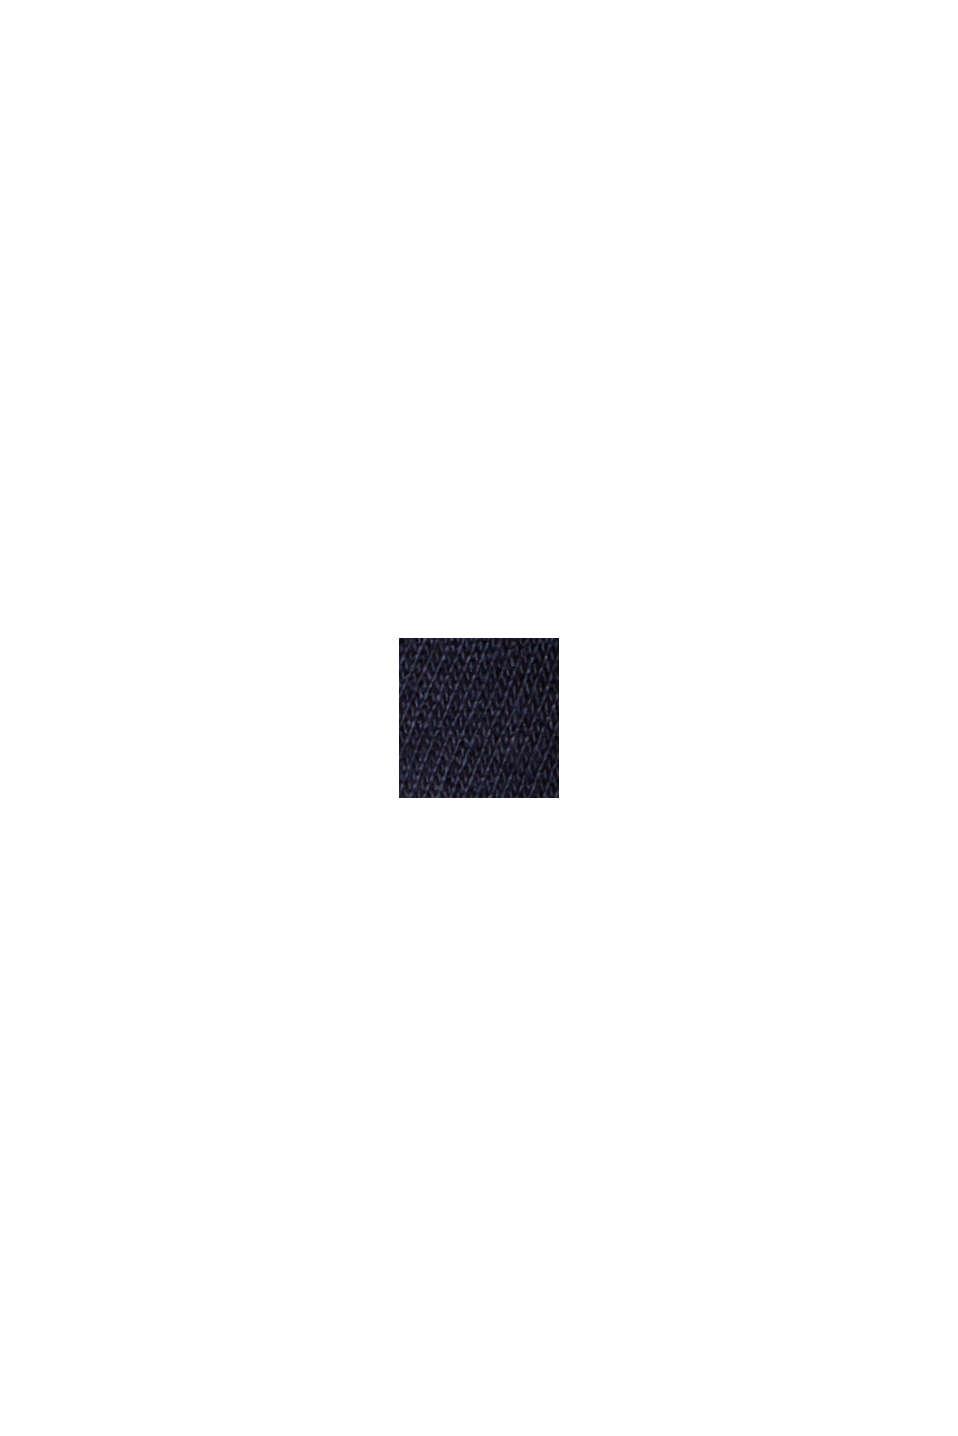 Cardigan molletonné en coton biologique mélangé, NAVY, swatch